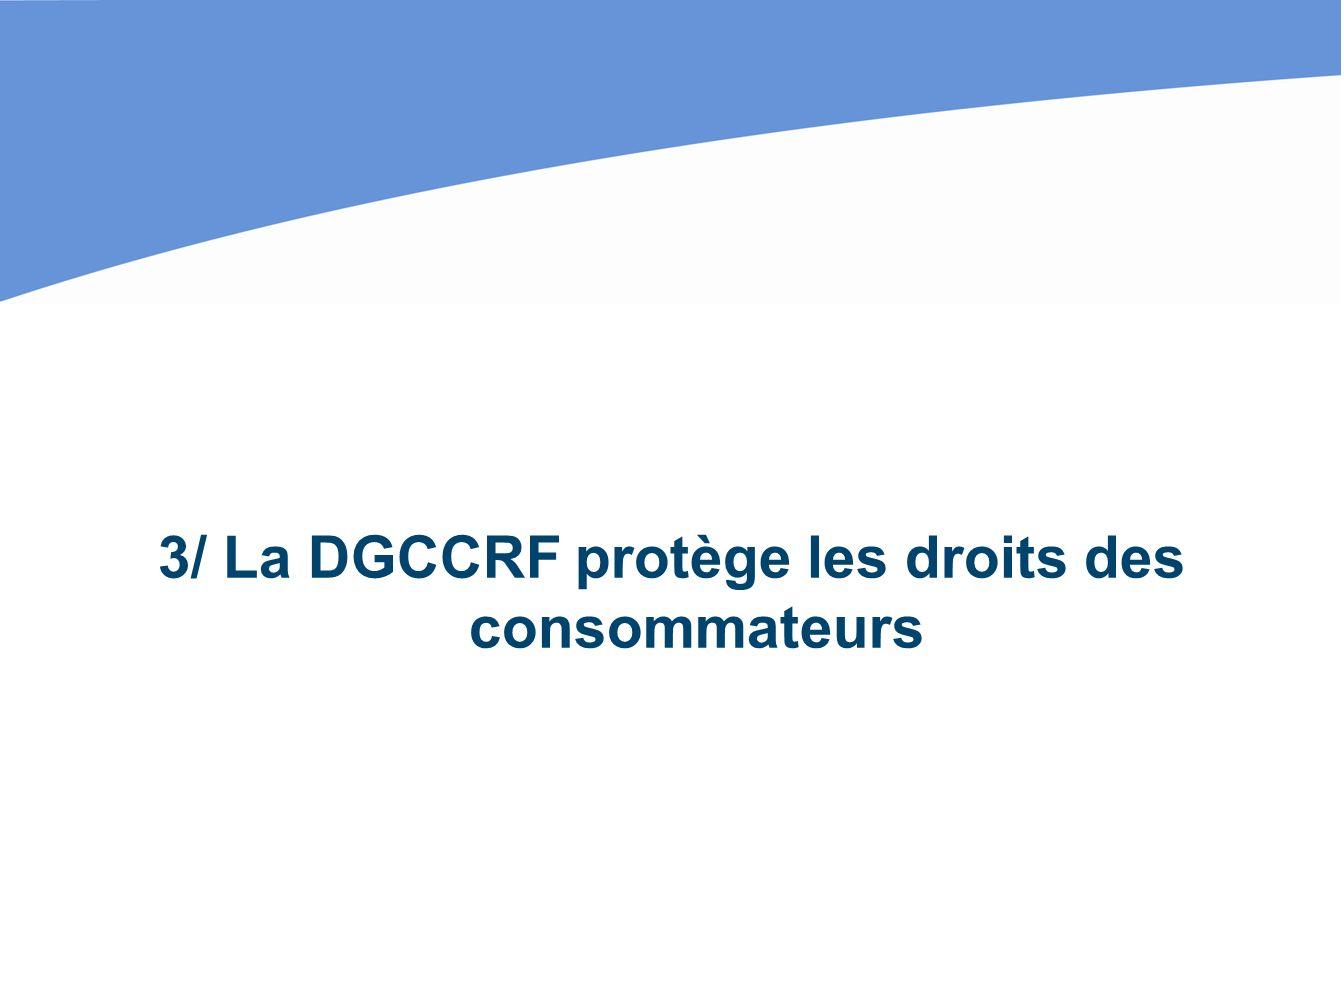 3/ La DGCCRF protège les droits des consommateurs